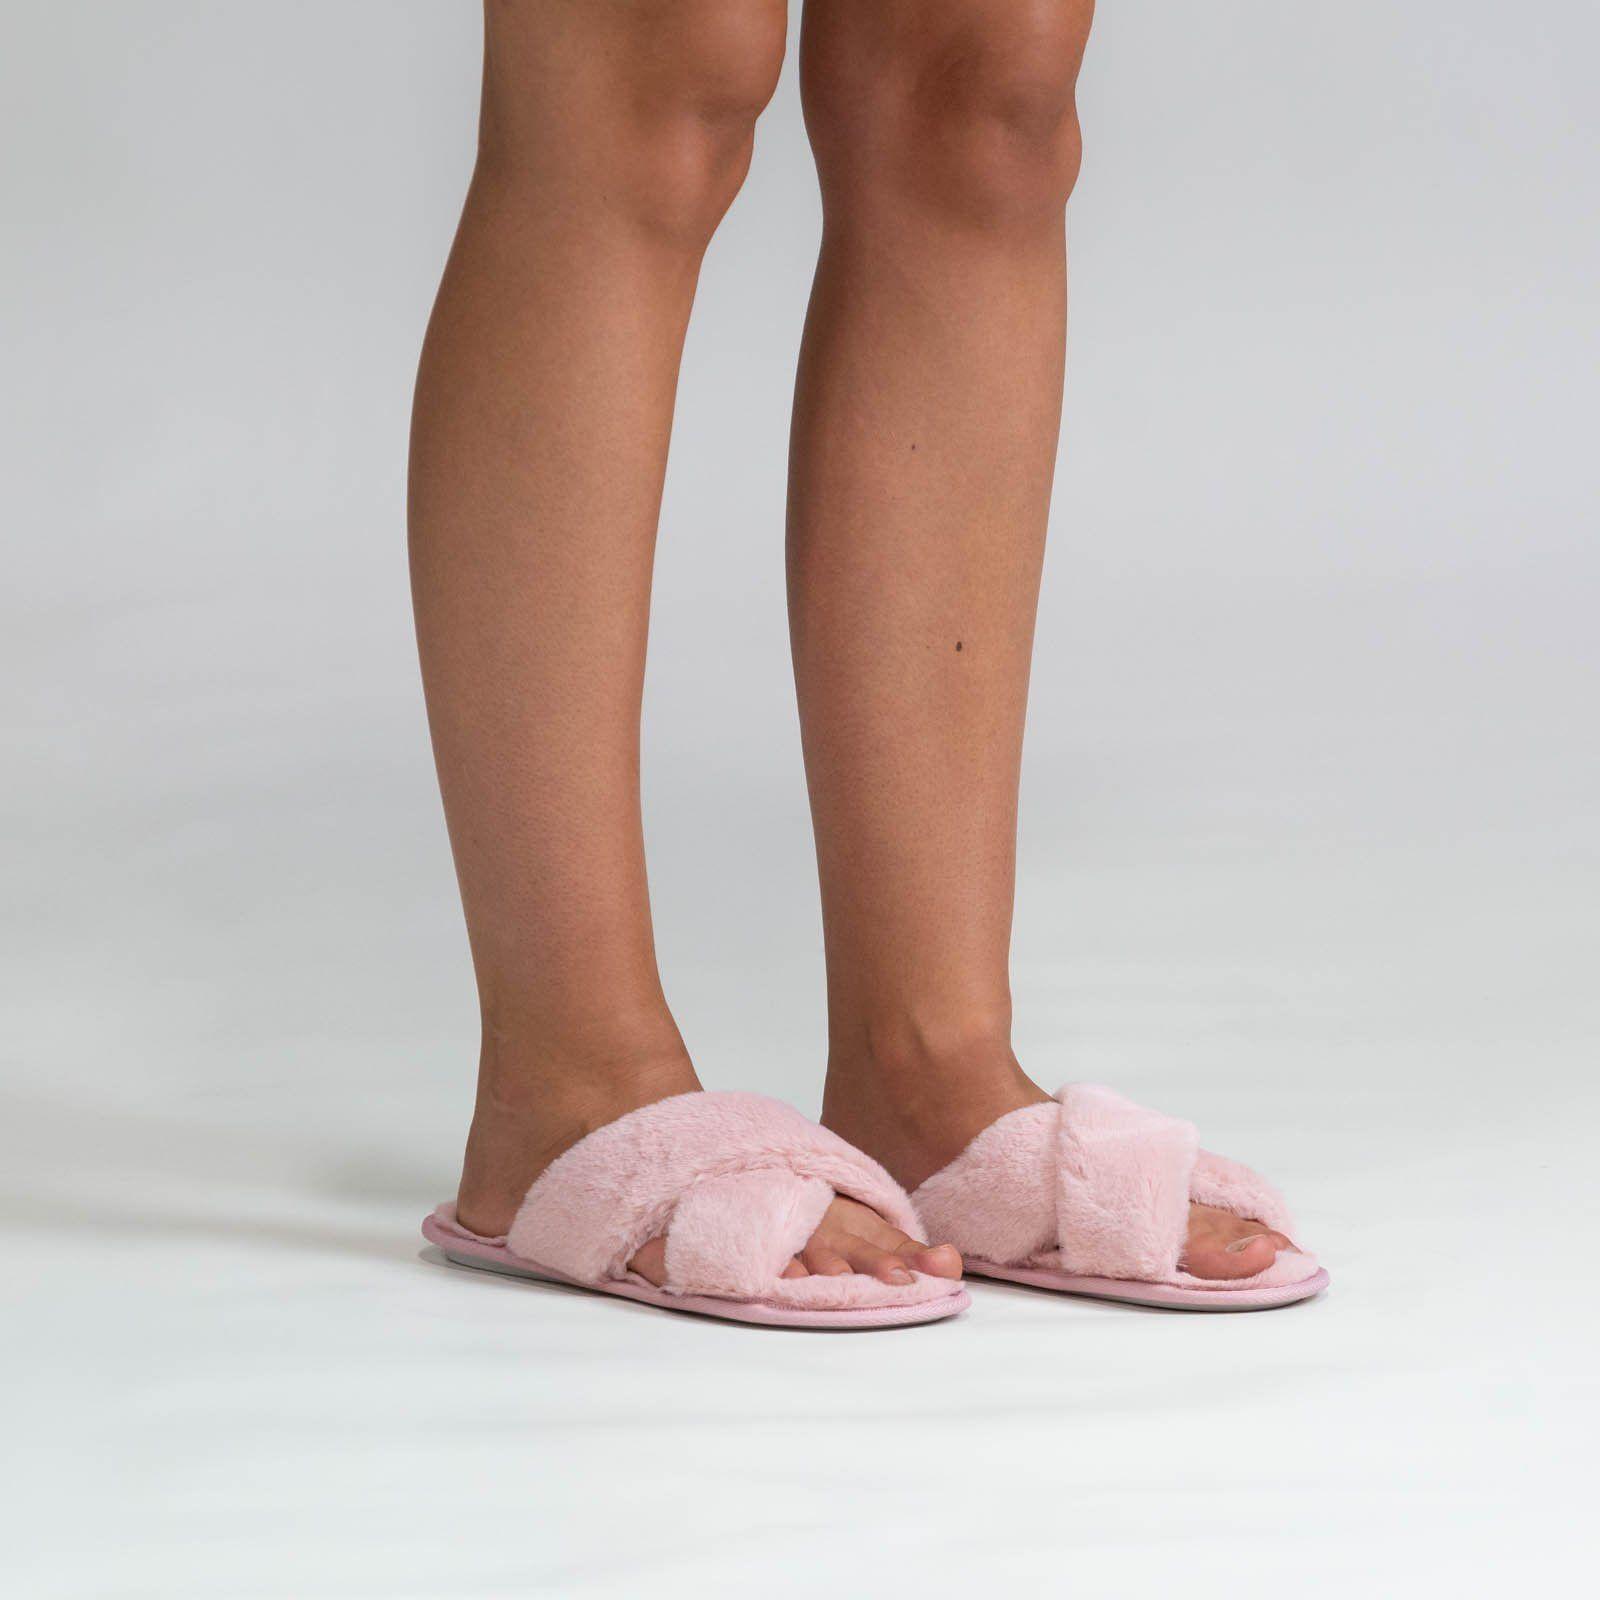 Oodie Slippers in 2020 | Cute clothing